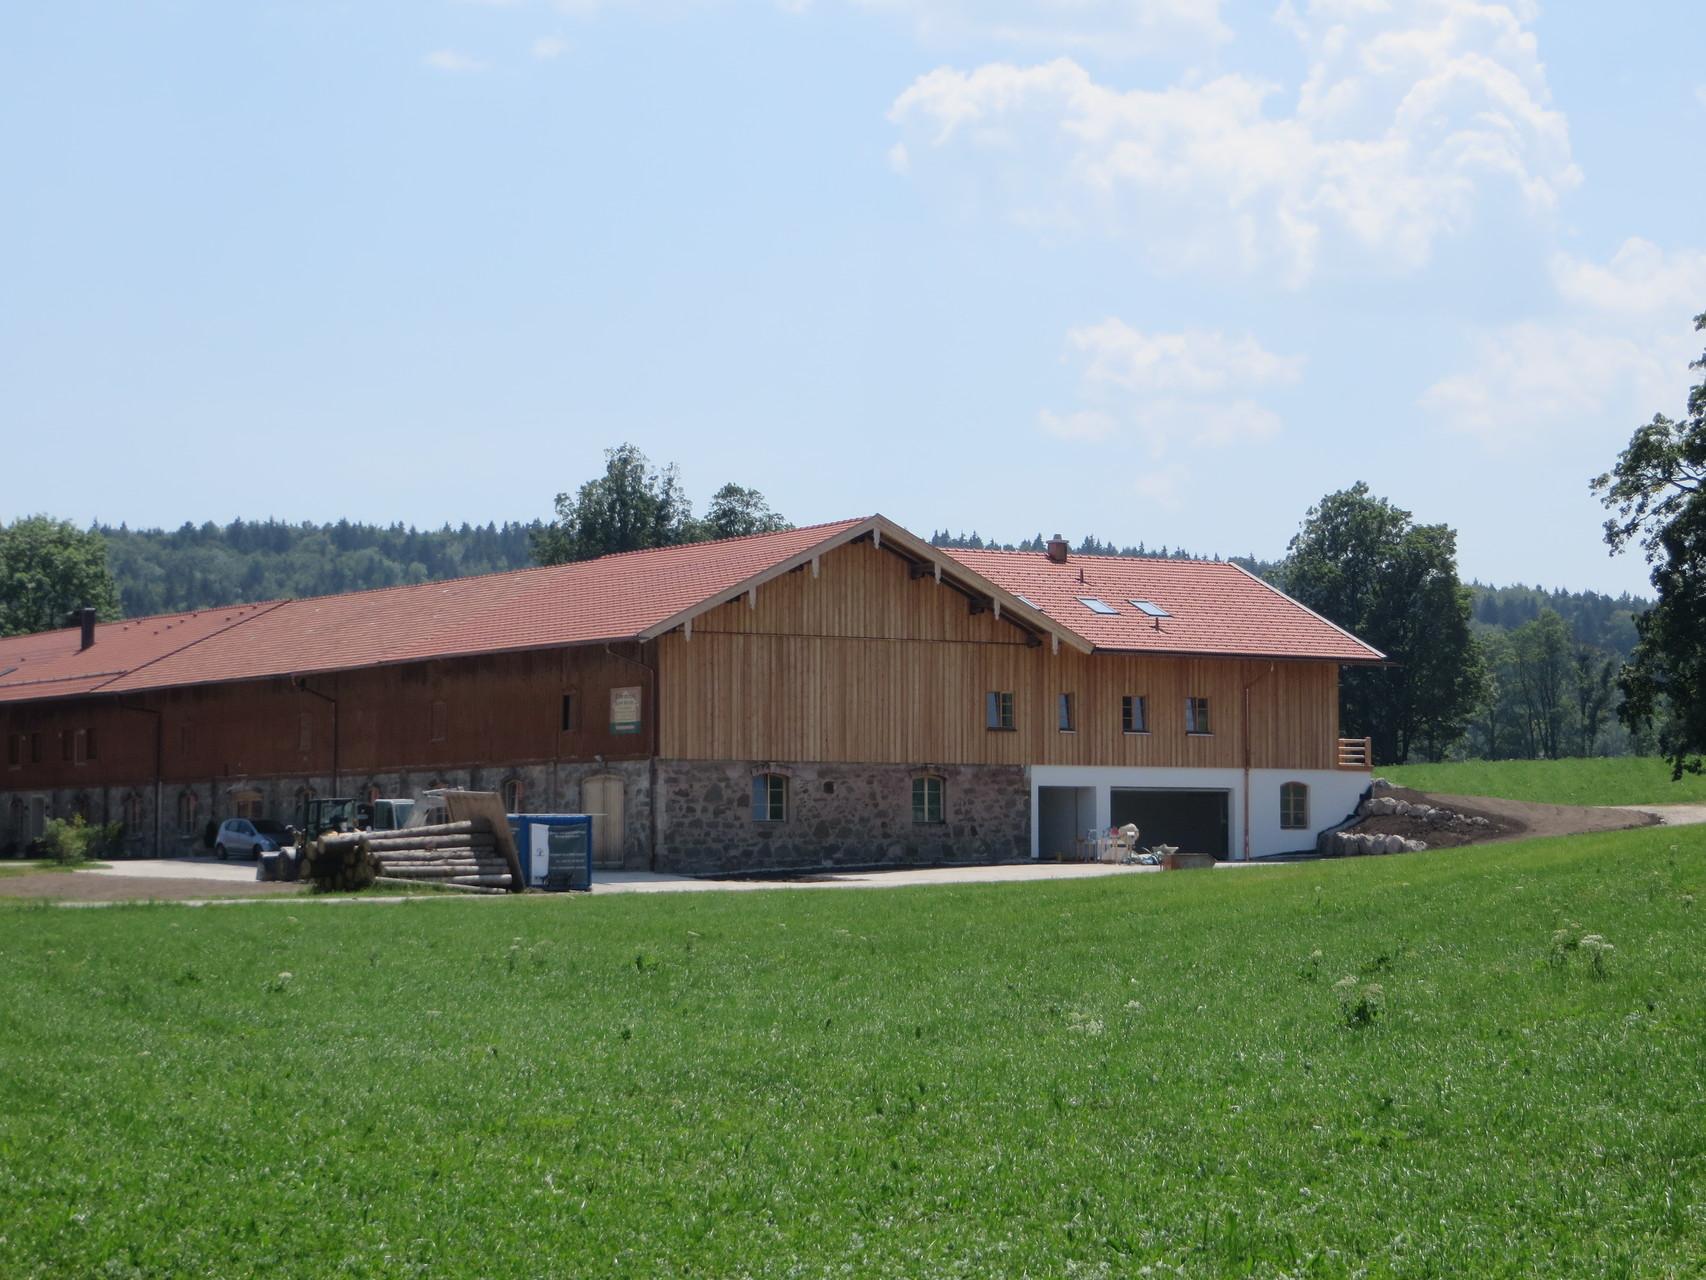 Anbau in Massivholzhaus an landwirtschaftl. Gebäude, Gmund-Finsterwald